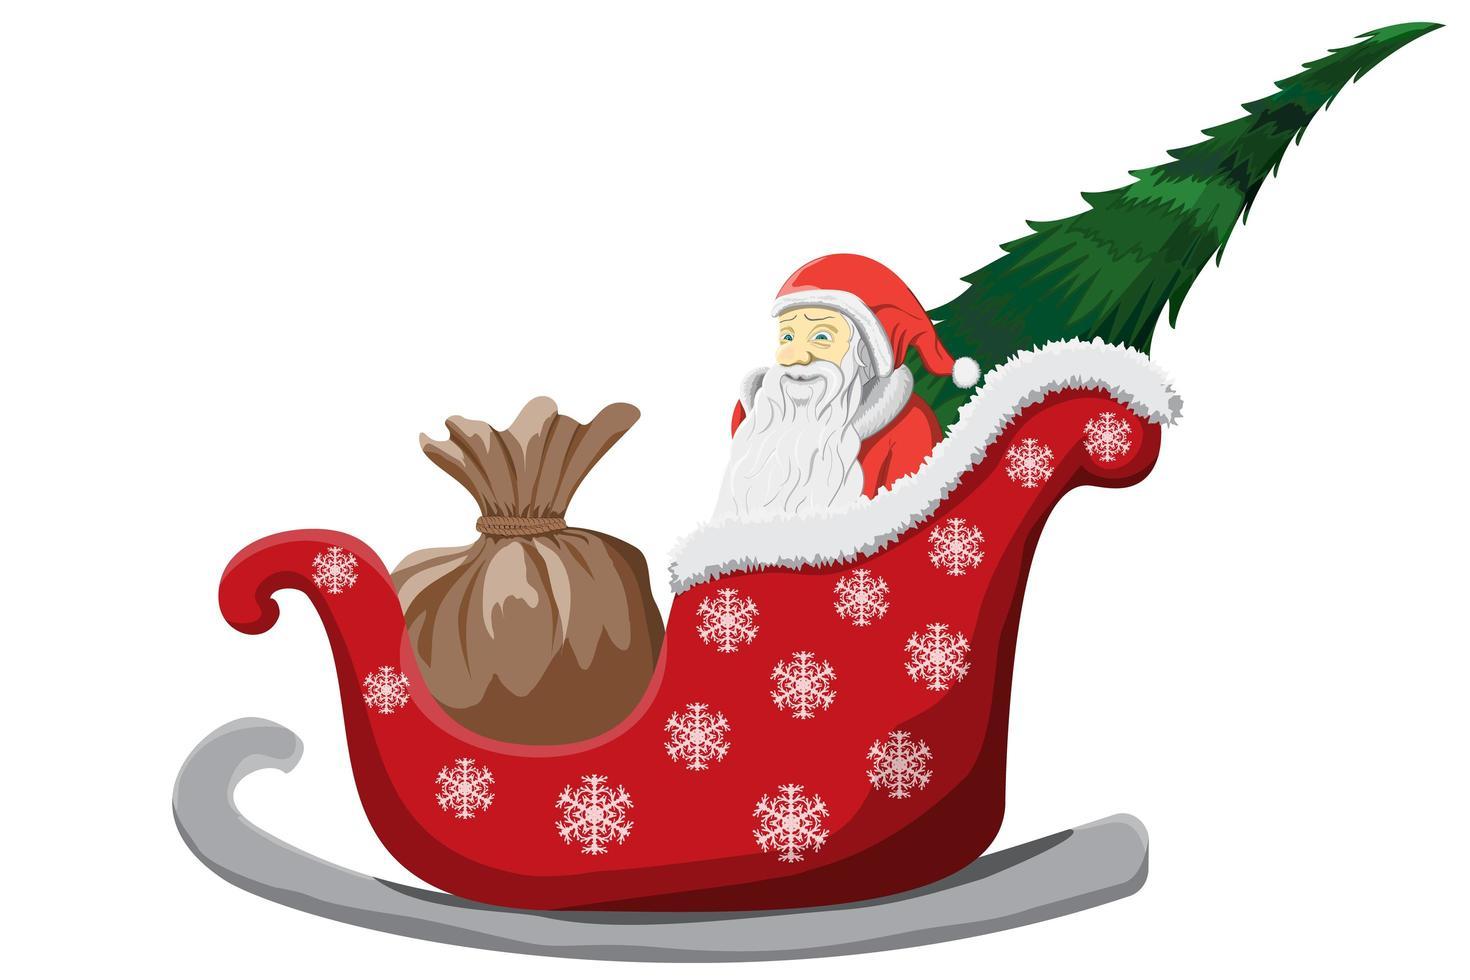 trineo de navidad de santa claus aislado vector